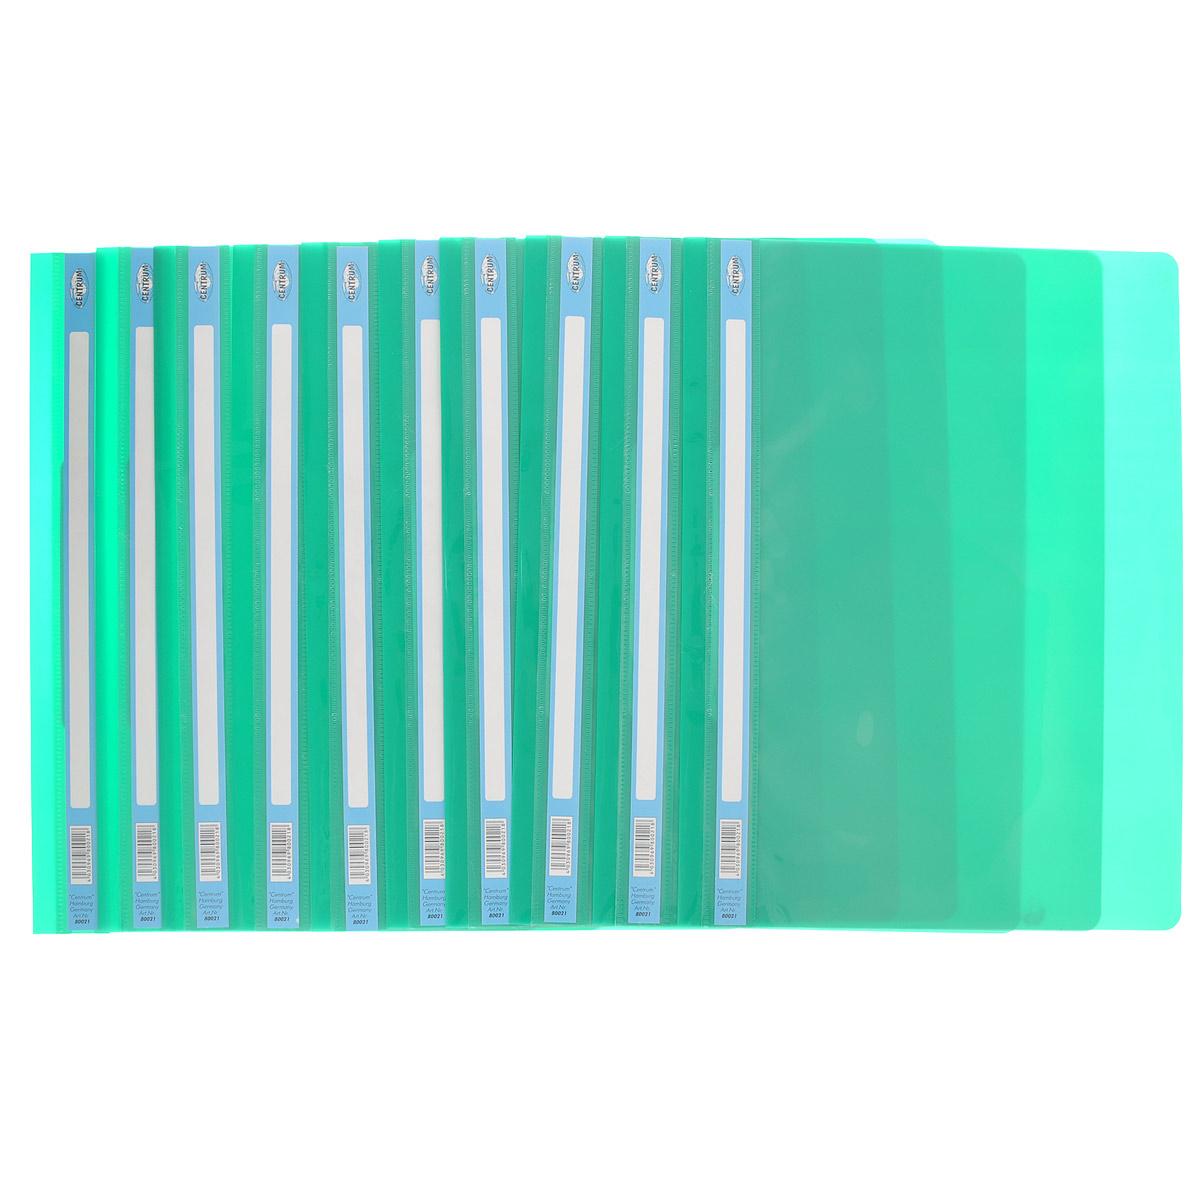 Папка-скоросшиватель Centrum, цвет: зеленый. Формат А4, 10 шт80021ОзеленыйПапка-скоросшиватель Centrum - это удобный и функциональный офисный инструмент, предназначенный для хранения и транспортировки рабочих бумаг и документов формата А4. Изготовлена из полупрозрачного, прочного пластика, имеет прозрачный верхний лист и более плотный нижний. Папка оснащена металлическими скобками для фиксации перфорированных бумаг. В комплект входят 10 папок формата A4. Папка-скоросшиватель - это незаменимый атрибут для студента, школьника, офисного работника. Такая папка надежно сохранит ваши документы и сбережет их от повреждений, пыли и влаги.